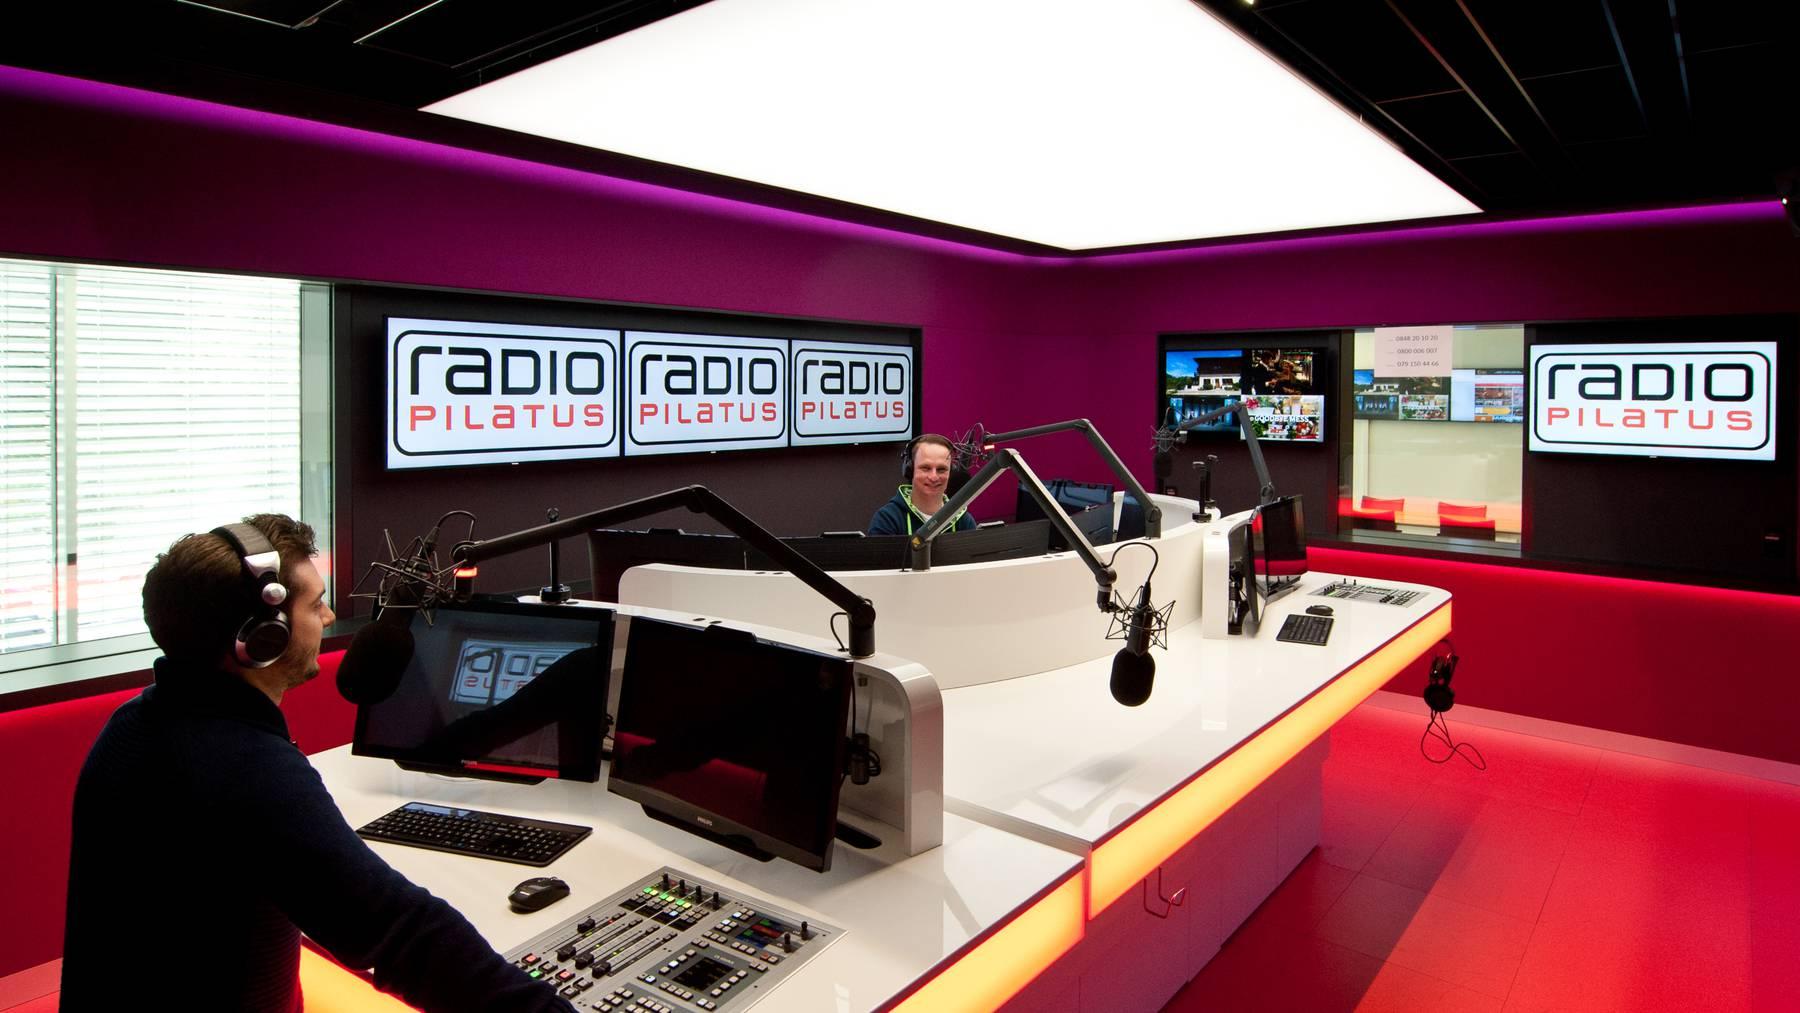 Yanik Probst (links) und Maik Wisler senden aus dem neuen Radio Pilatus-Studio im Luzerner Maihofquartier.